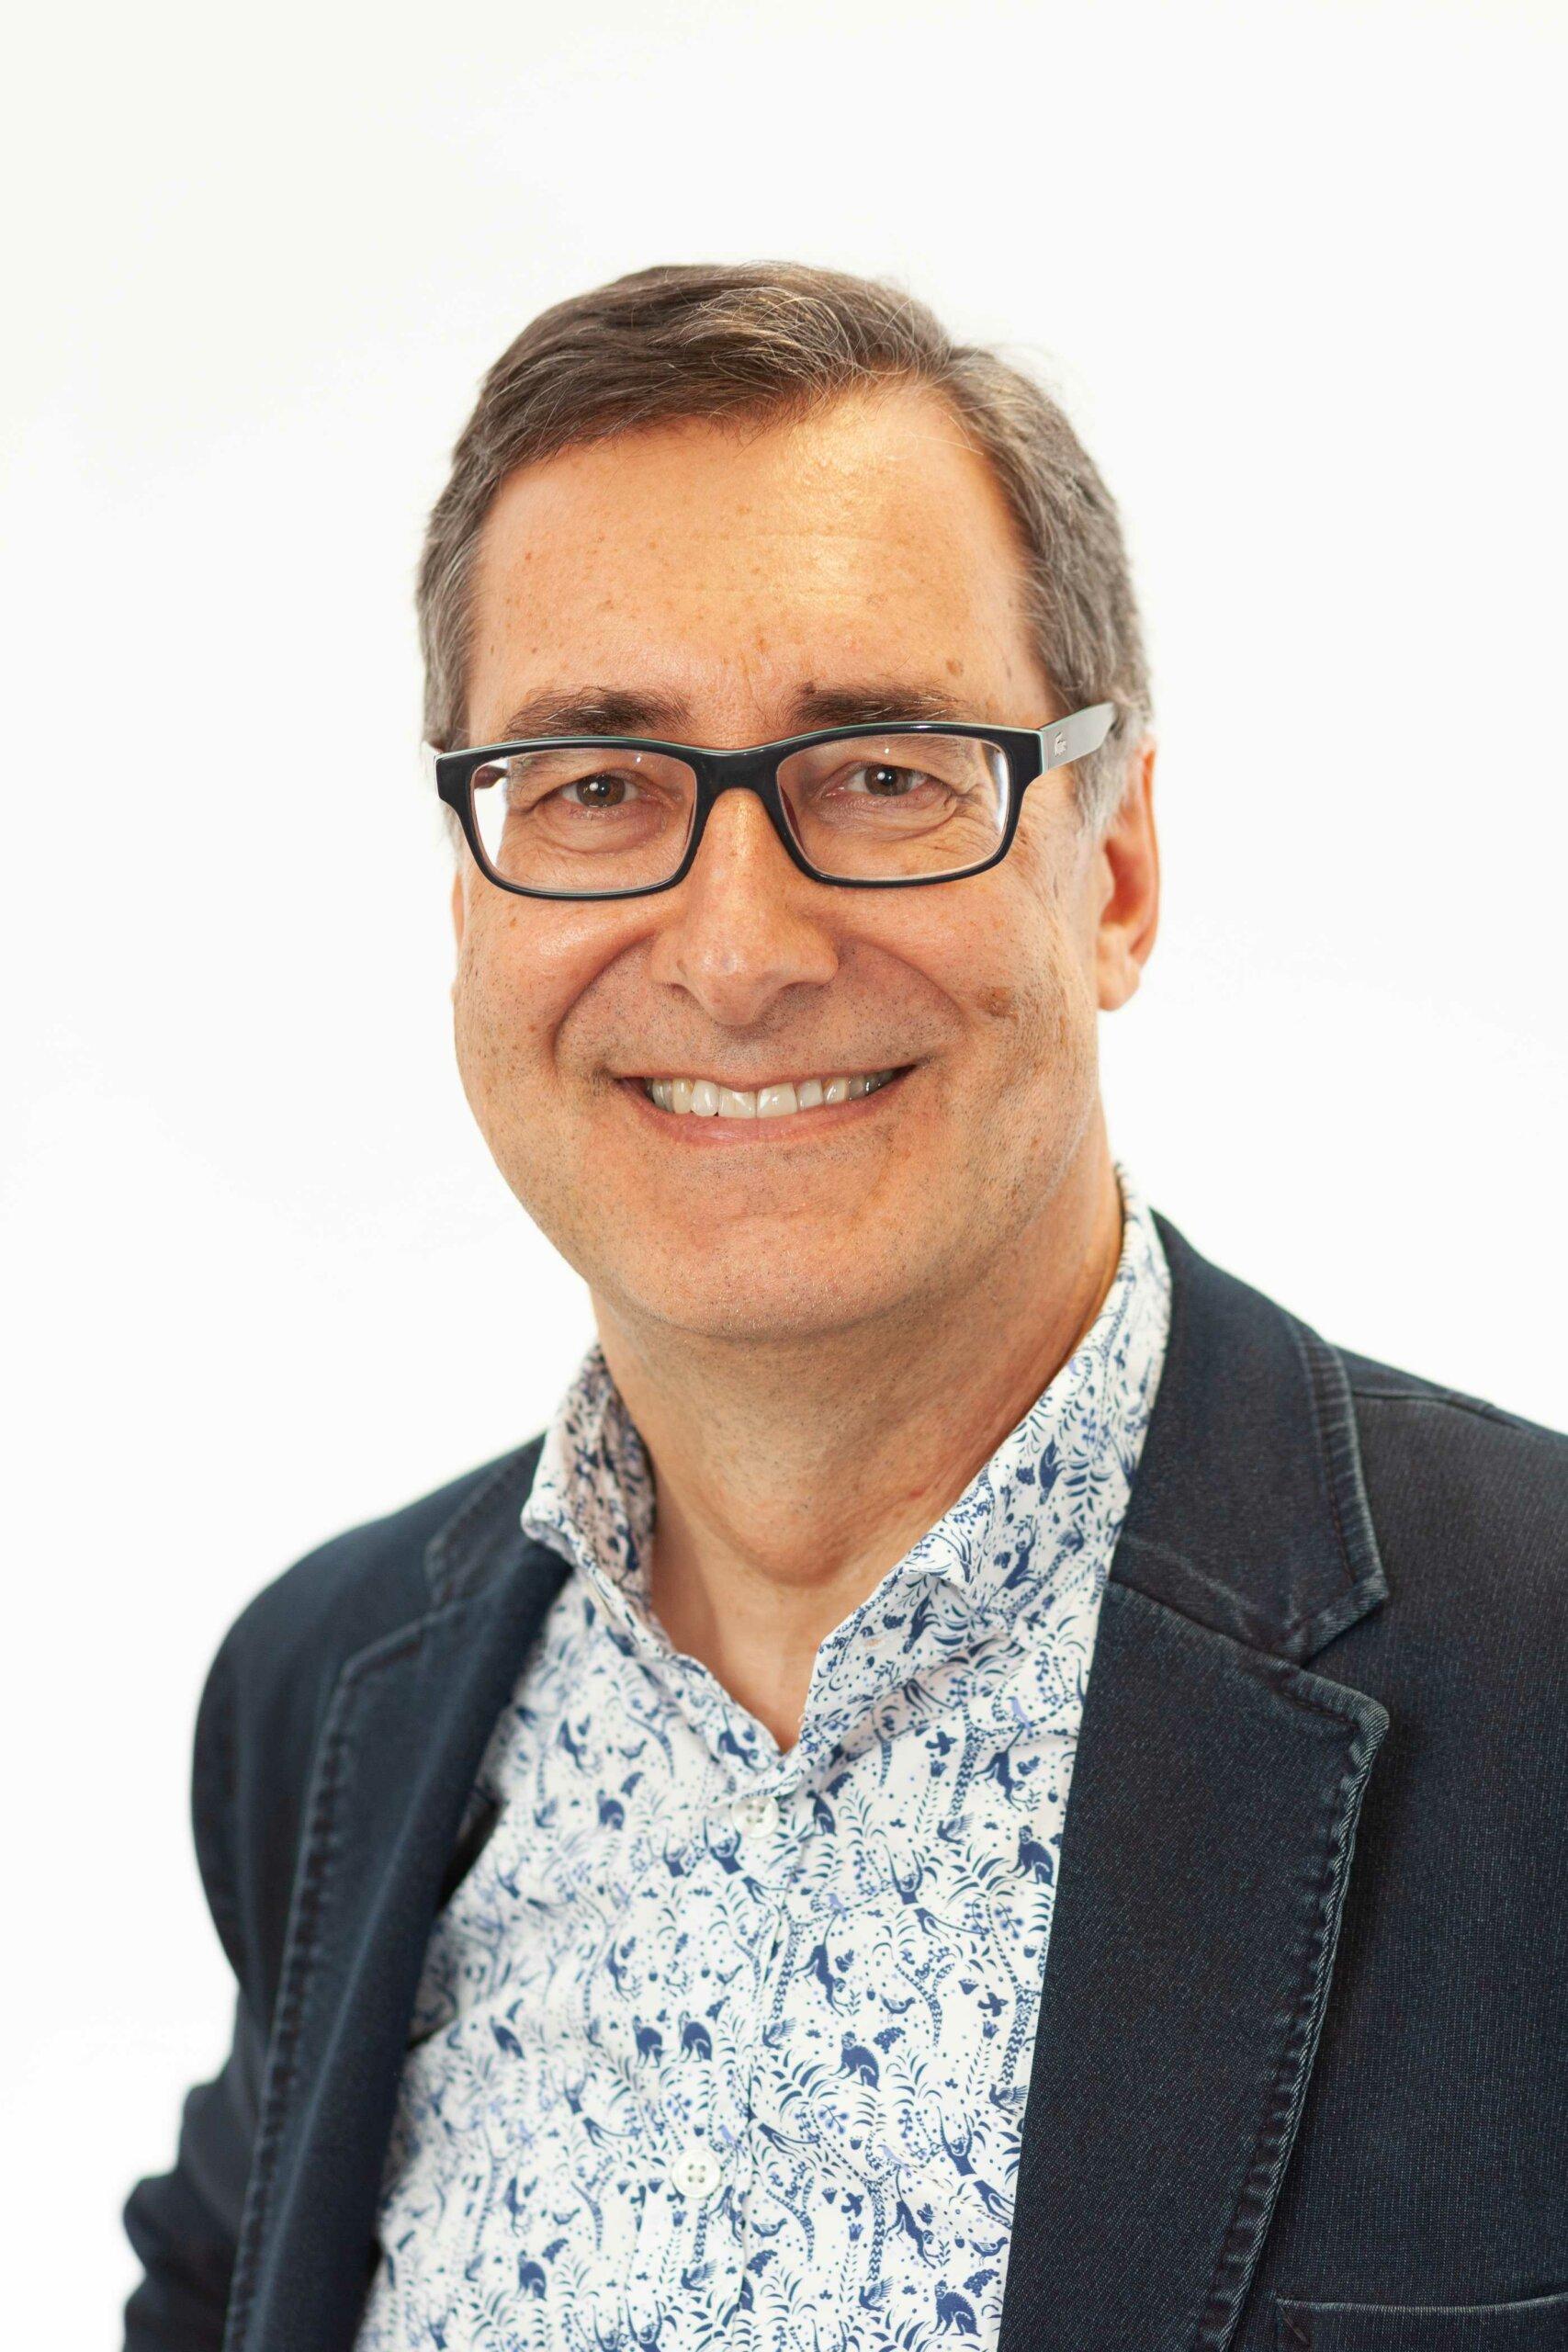 Christian Mitterer Profilbild